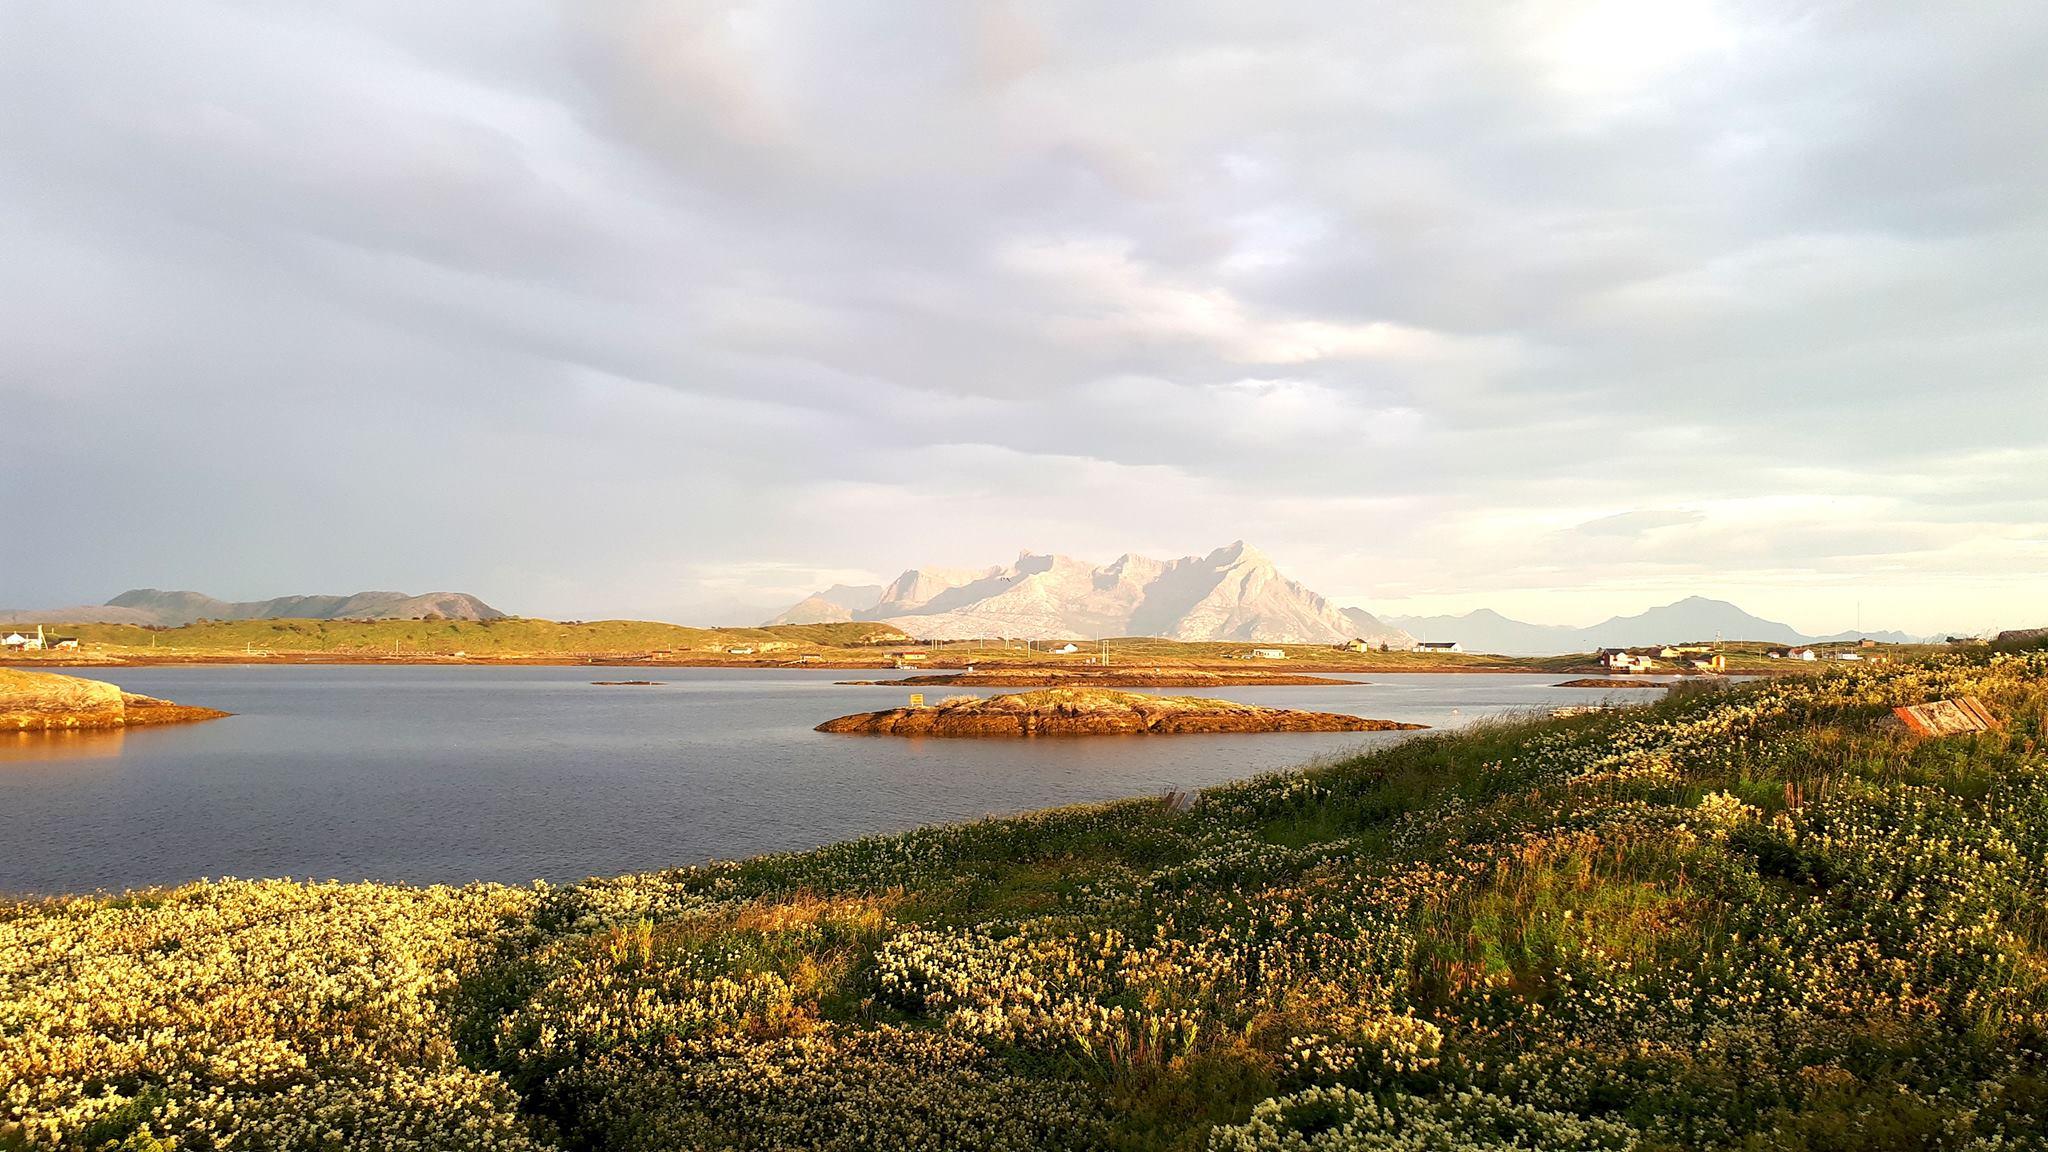 Mevær Camp - Fleinvær - Nyrenoverte leiligheter med plass til 14 personer. Stedet er laget for de som vil unnslippe byens støy og mas, med muligheter for fisketur, fottur eller avslapning. Åpner våren 2020.